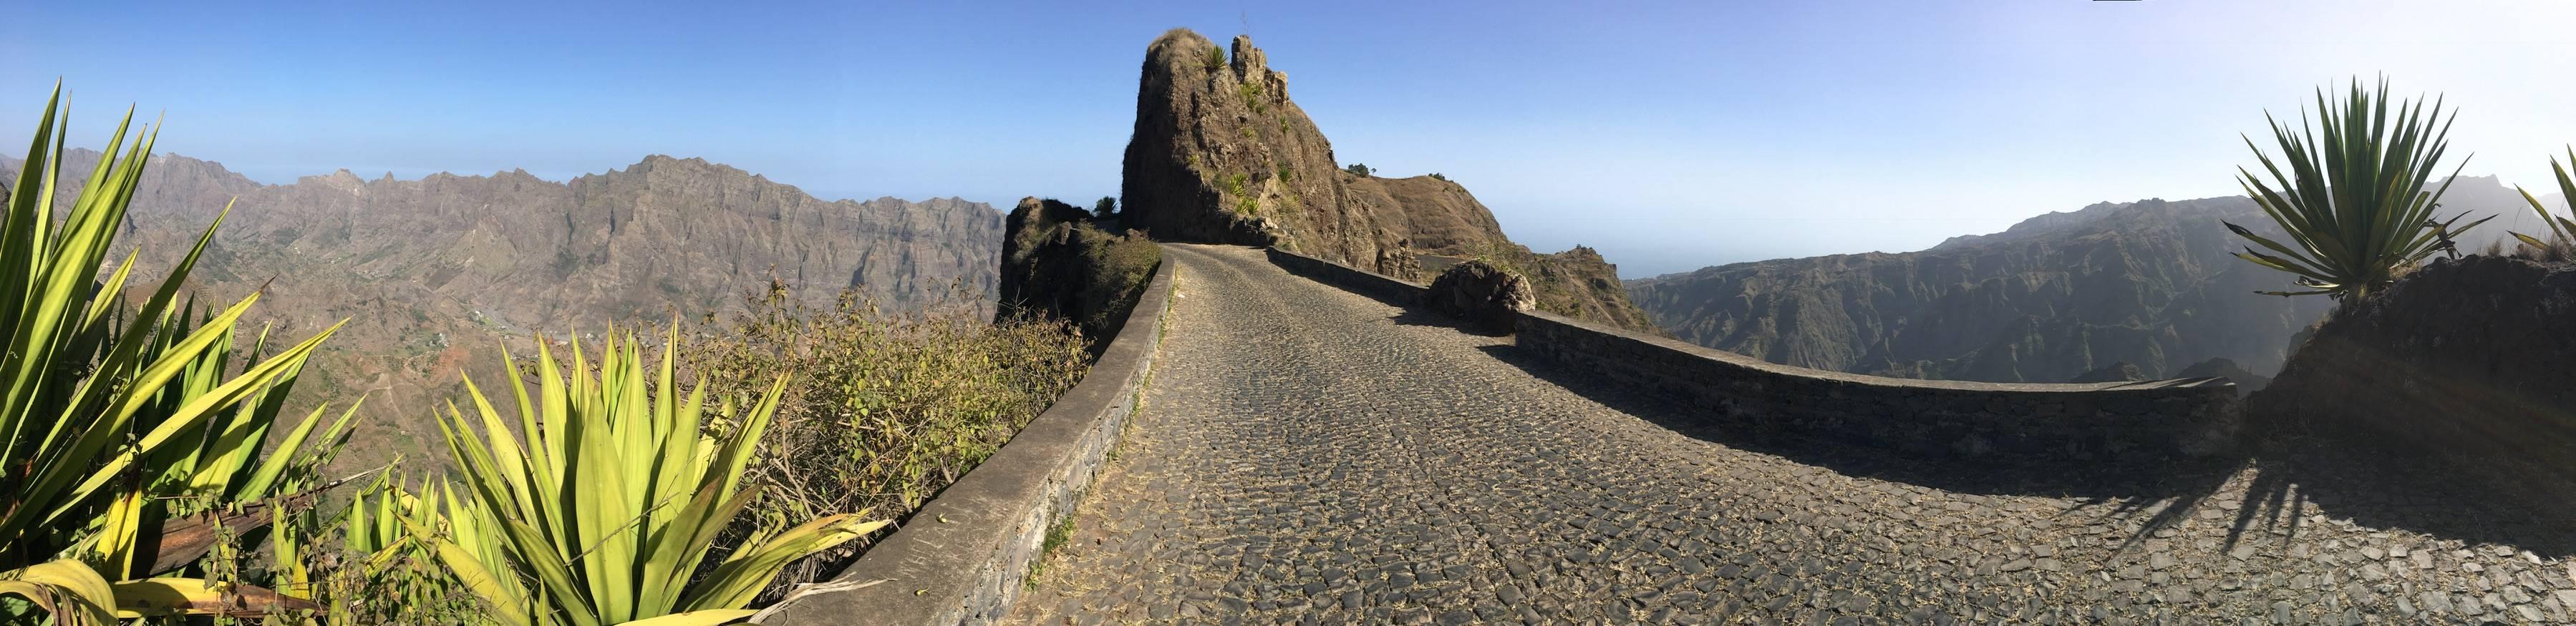 Photo 1: Sur la route de La corde